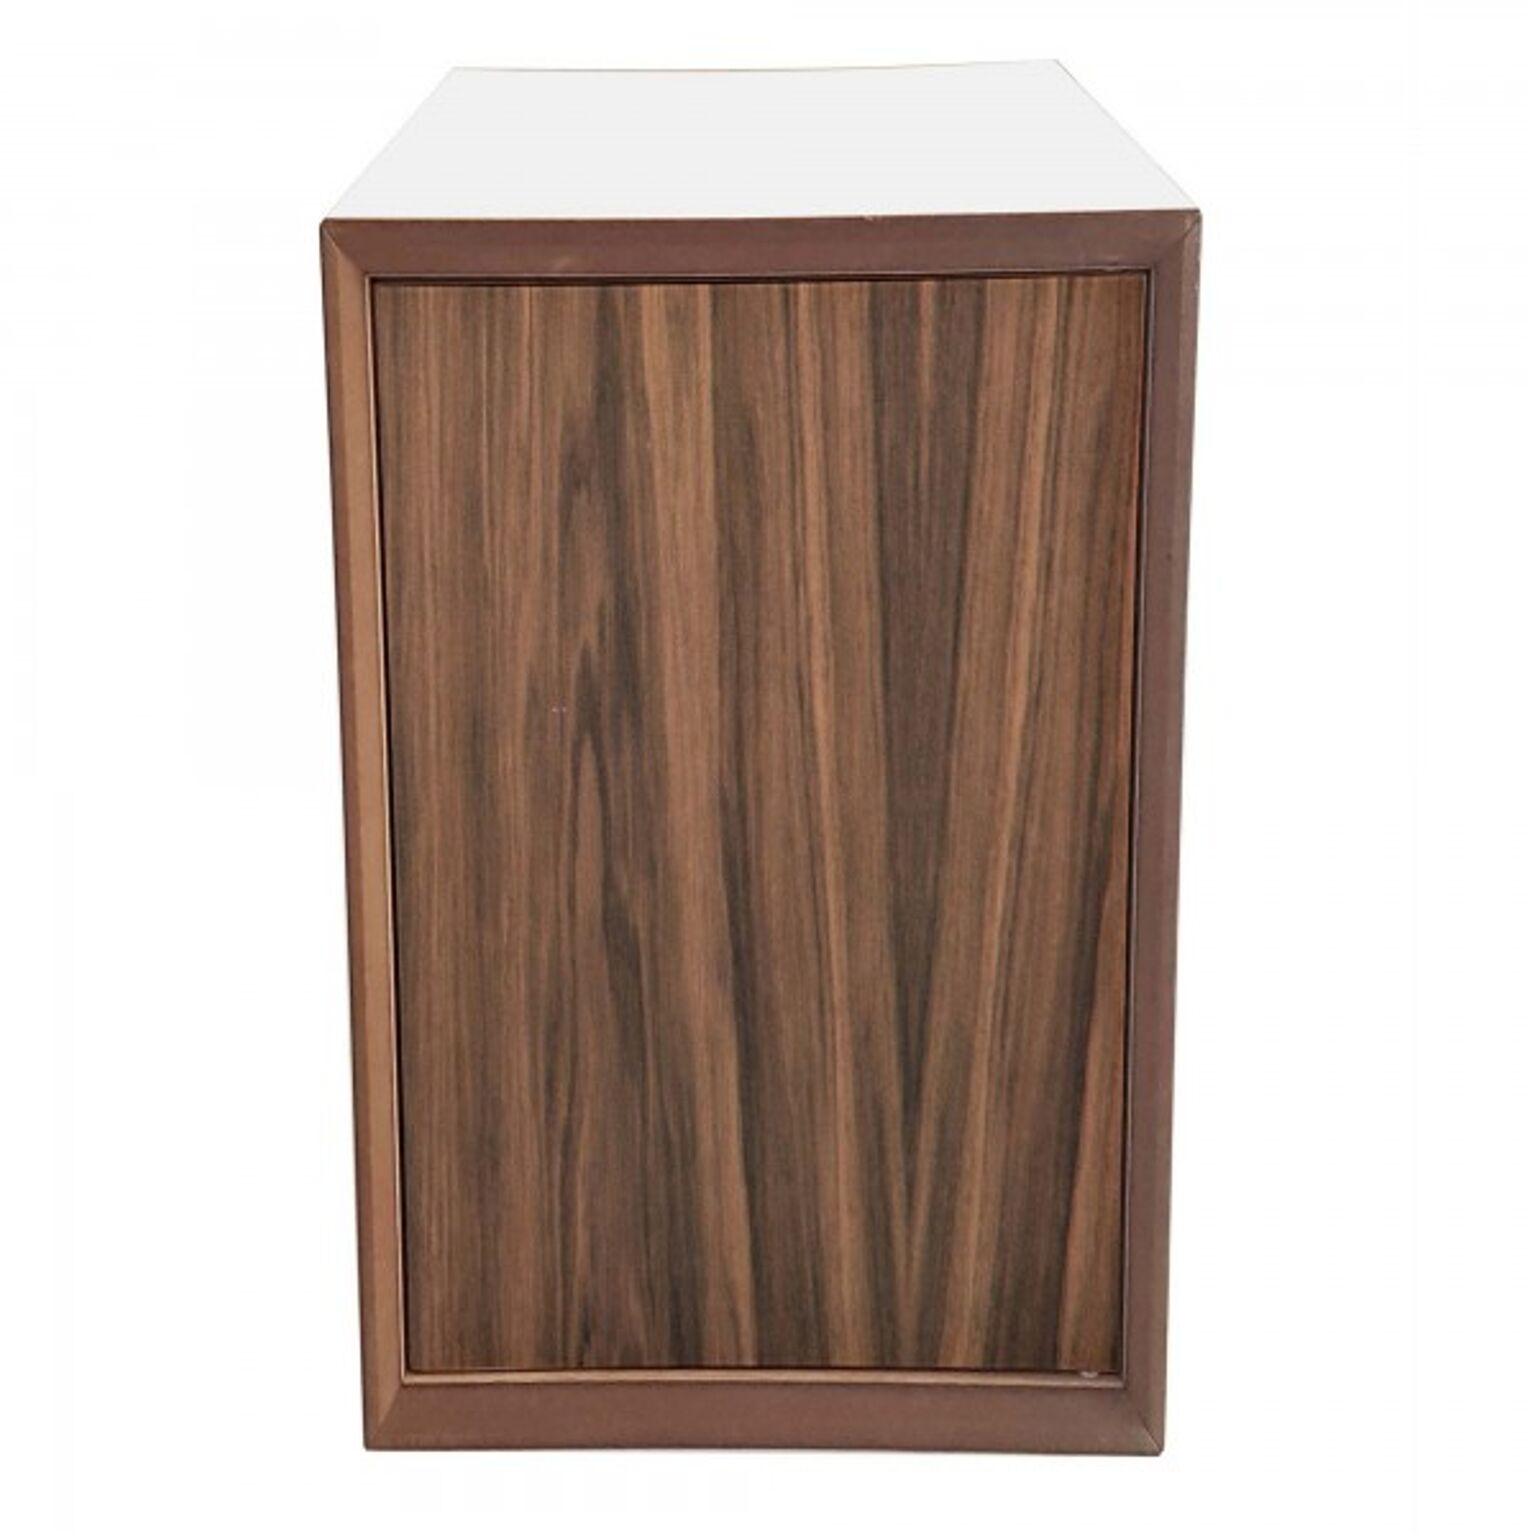 Dulap modular Pixel Wooden / White l40xA40xH80 cm